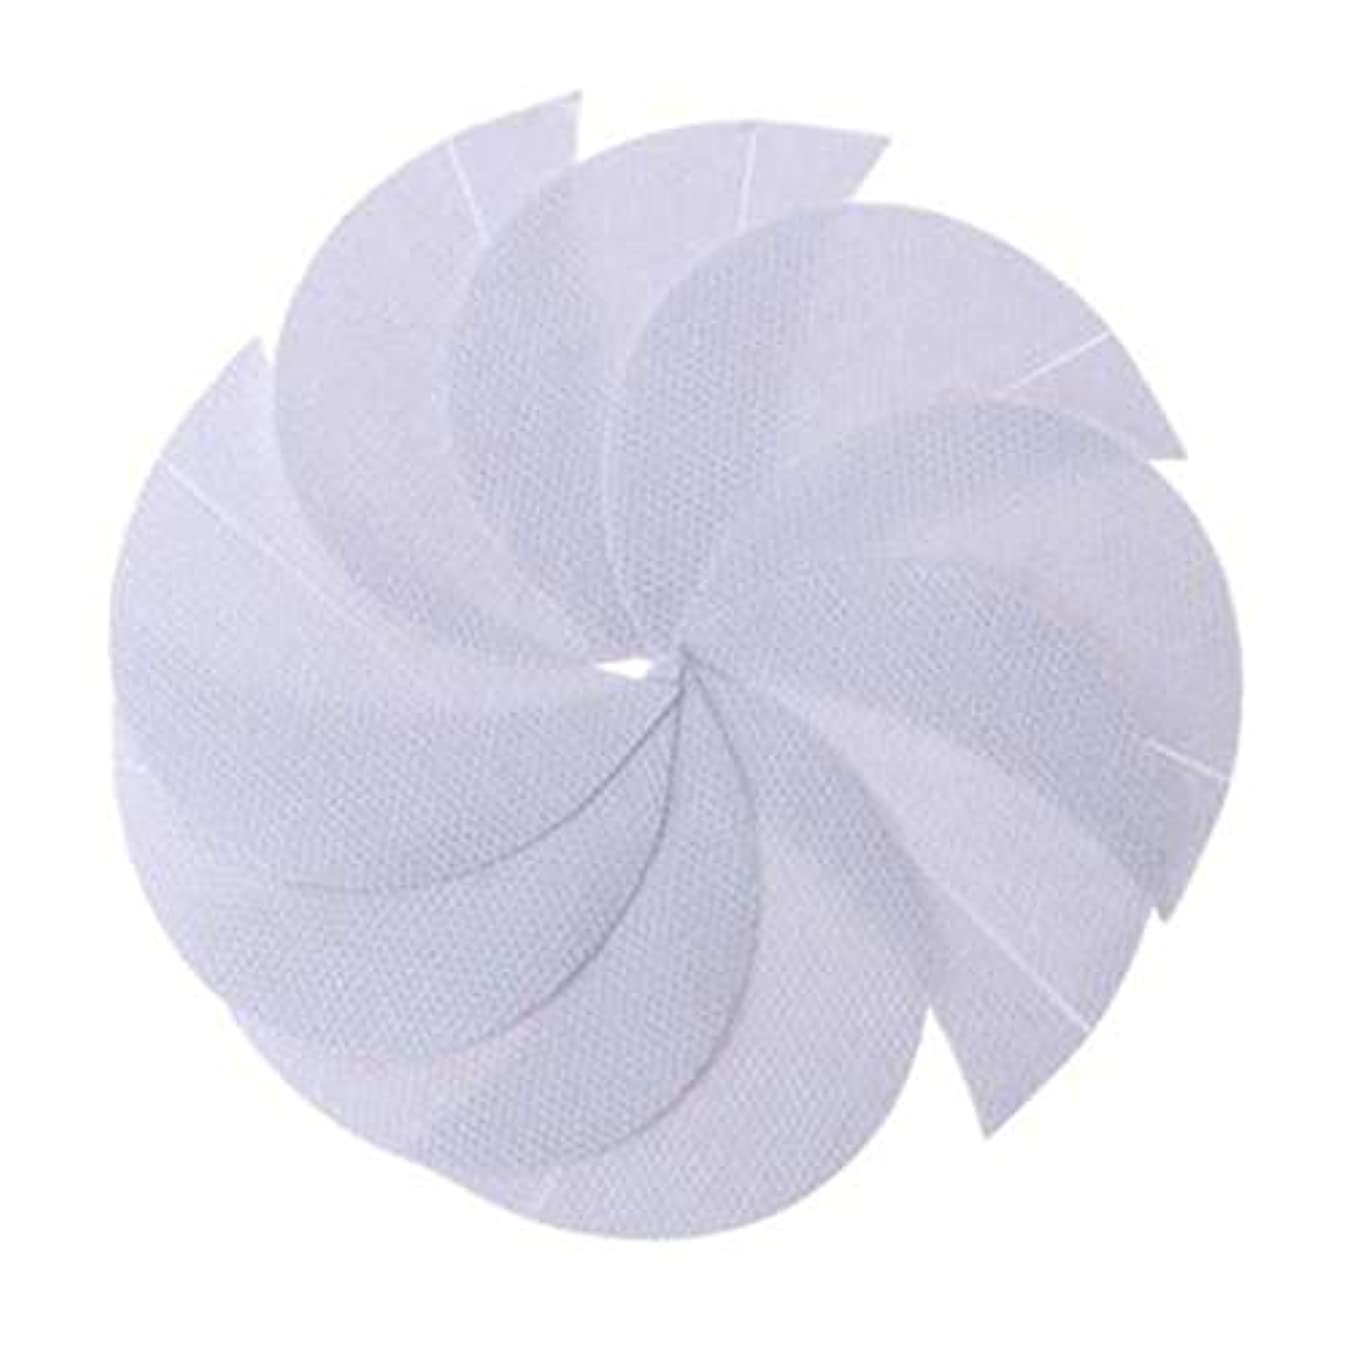 実質的にジャンク移住するRabugogo 100個/袋不織布アイシャドーシールドアイシャドージェルパッドパッチアイシャドーステンシル防止まつげエクステ化粧品残留物